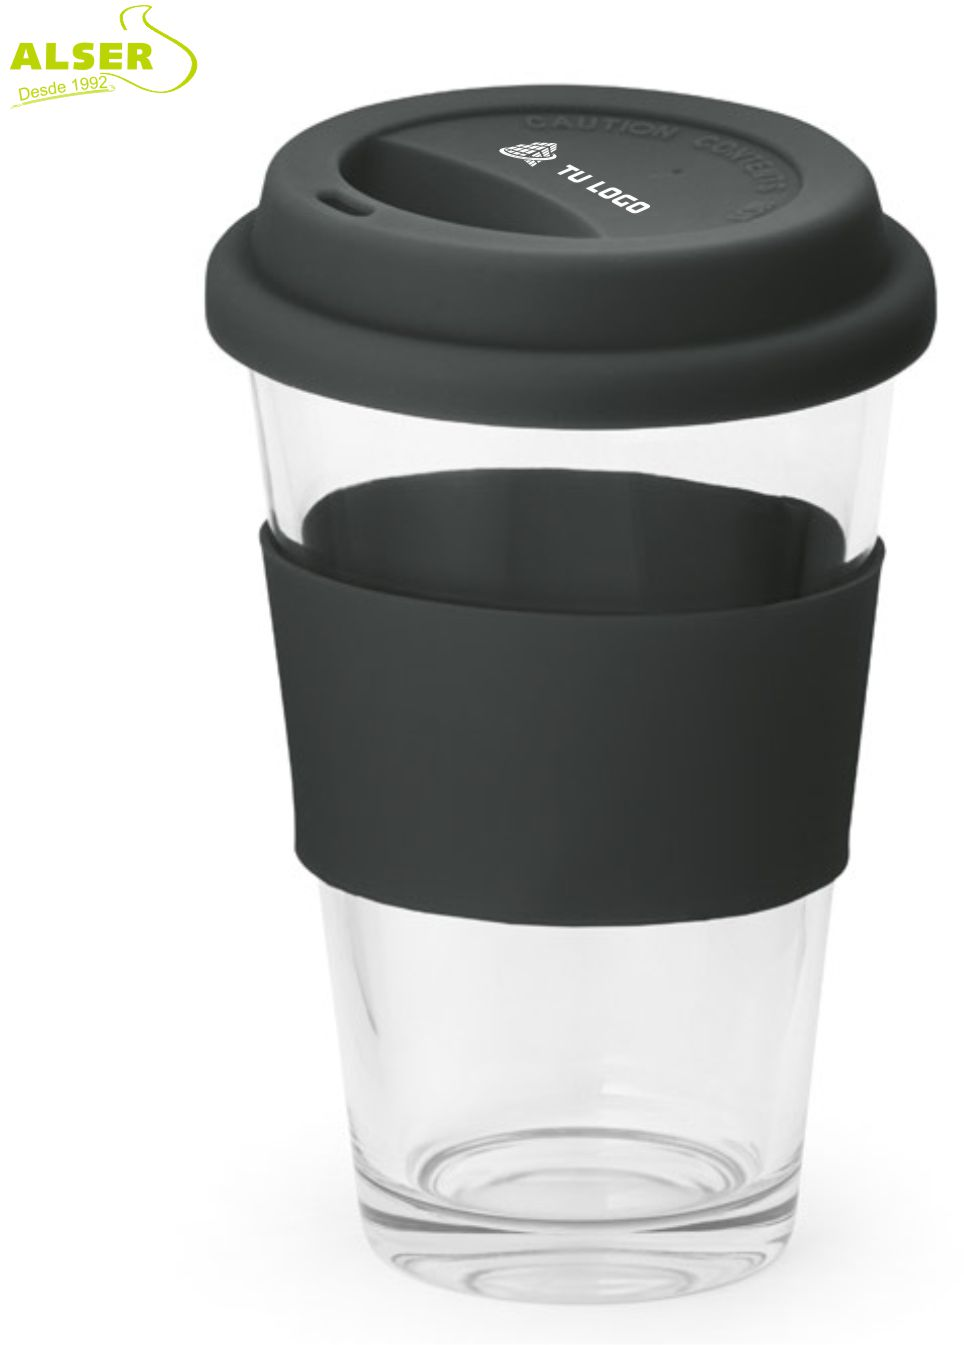 Vaso de vidrio detalles Negro